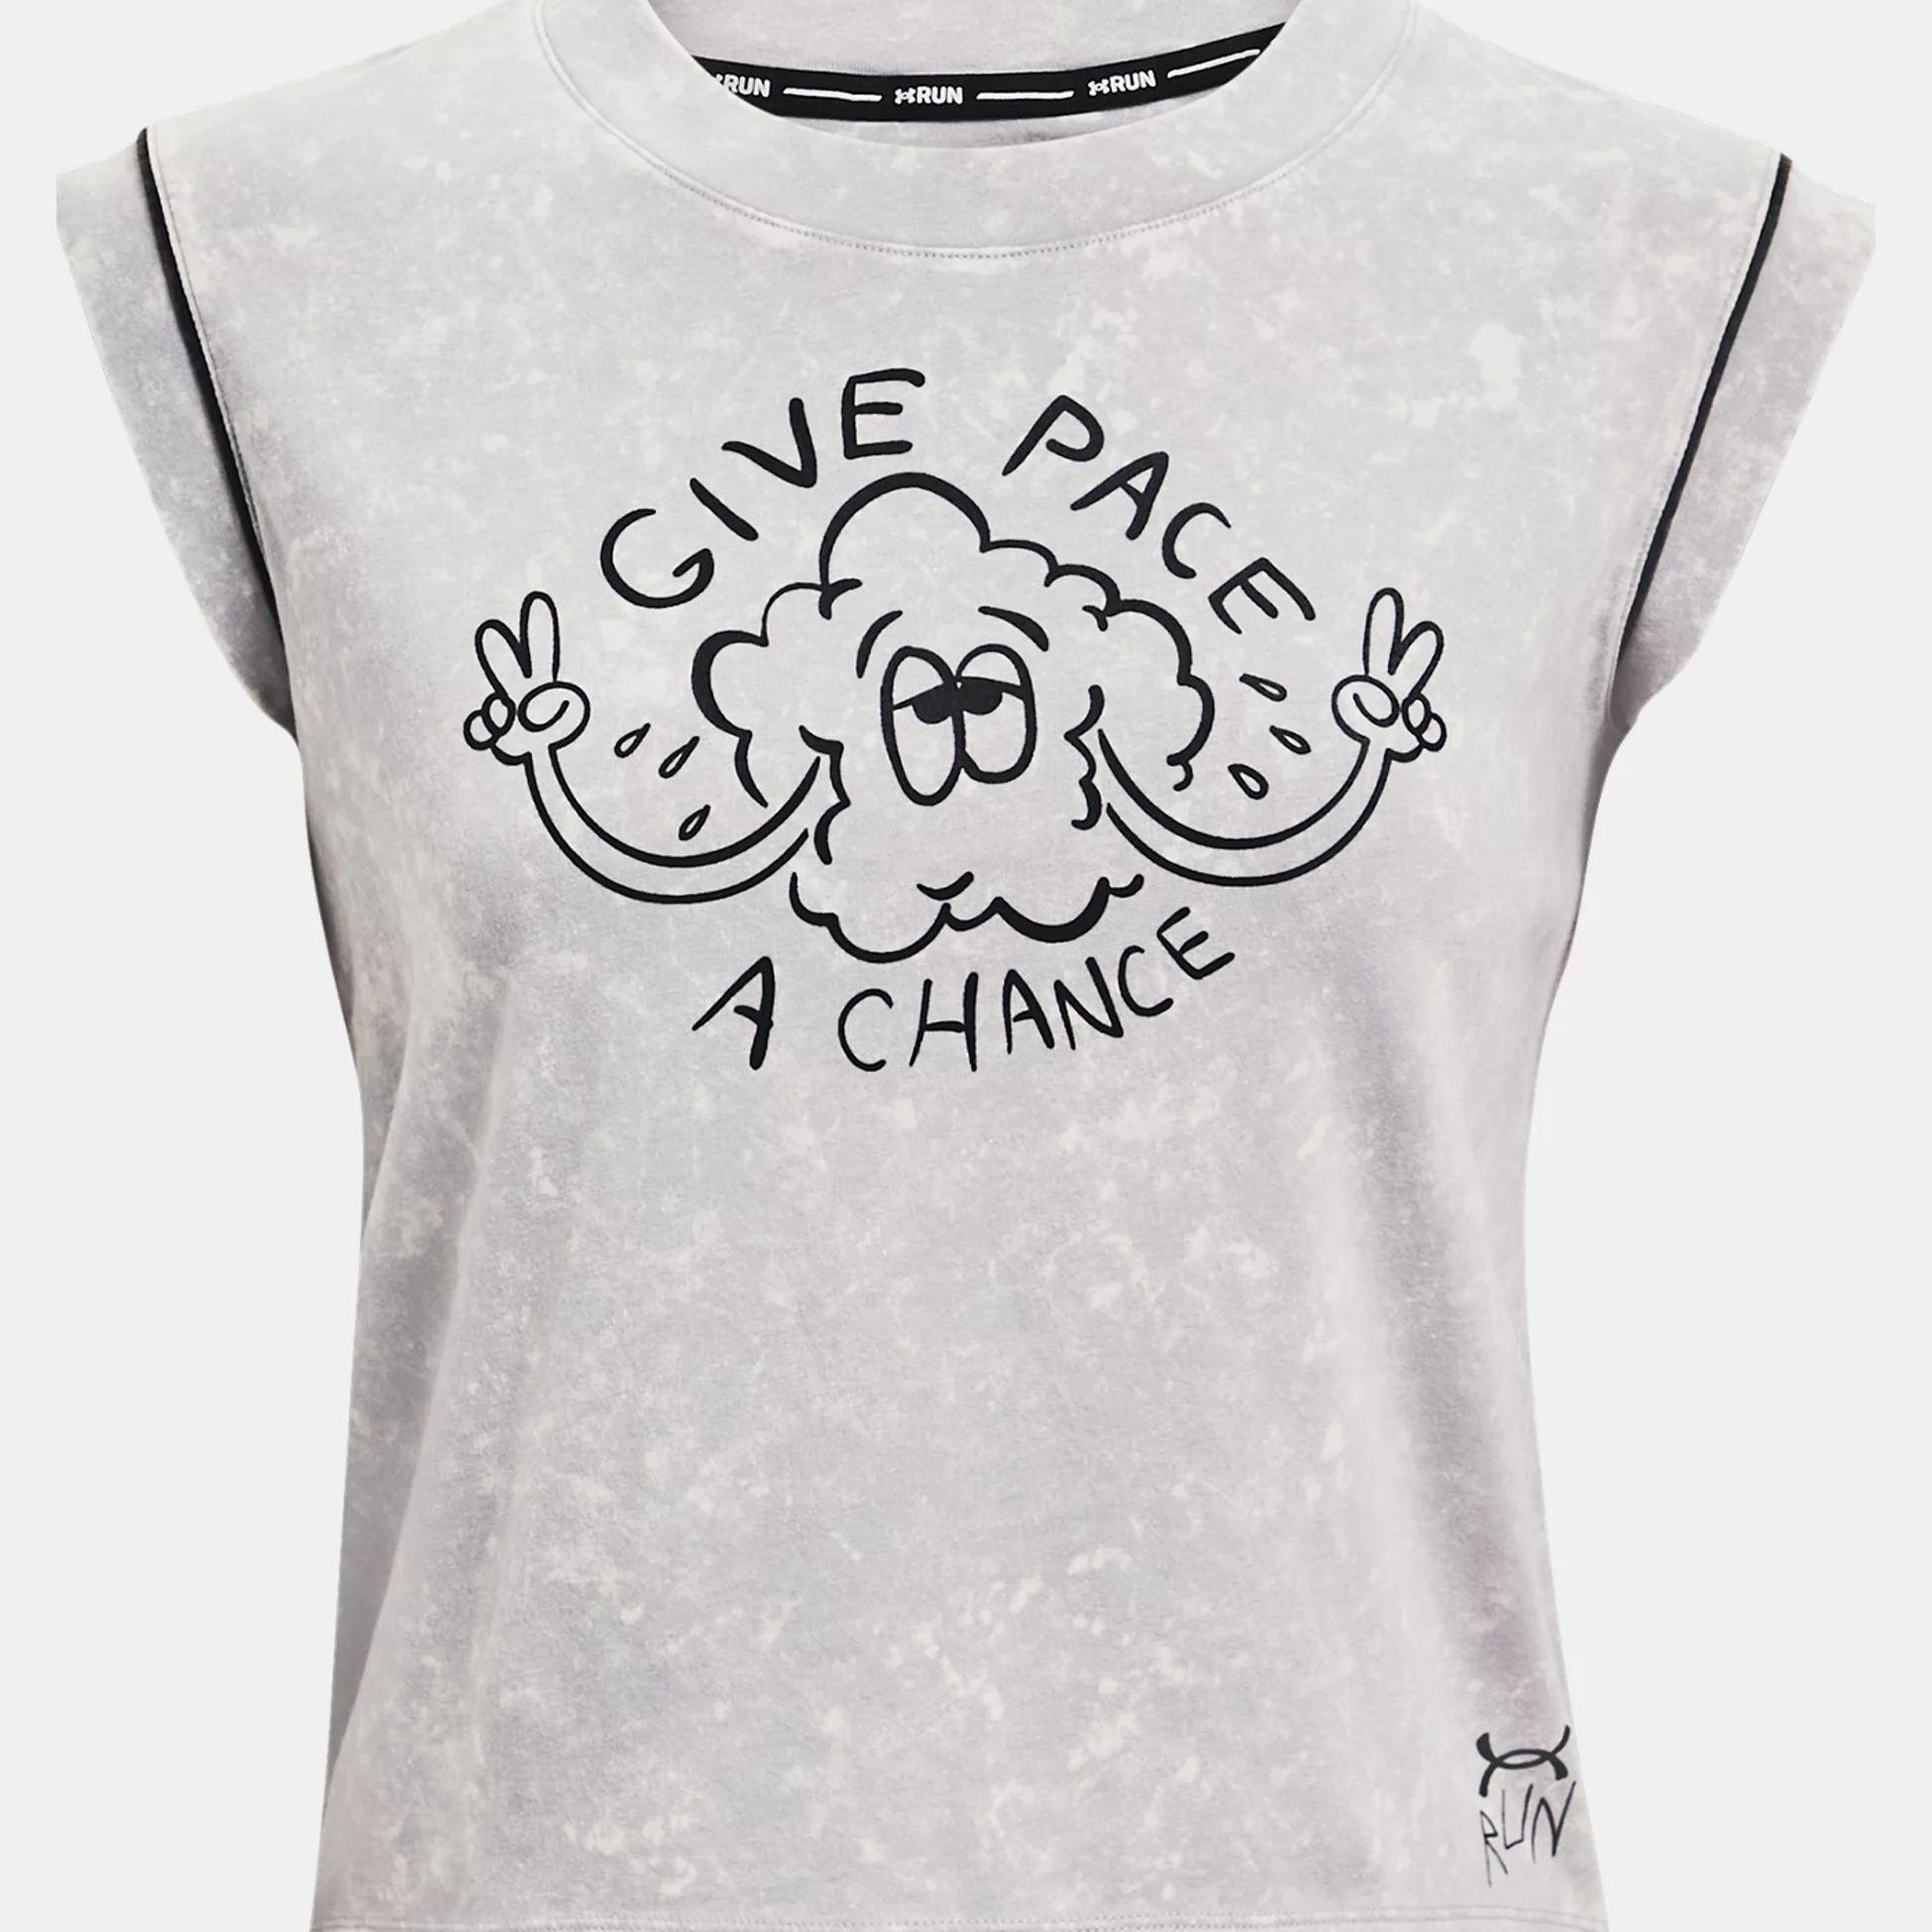 Îmbrăcăminte -  under armour UA Give Pace A Chance 1377